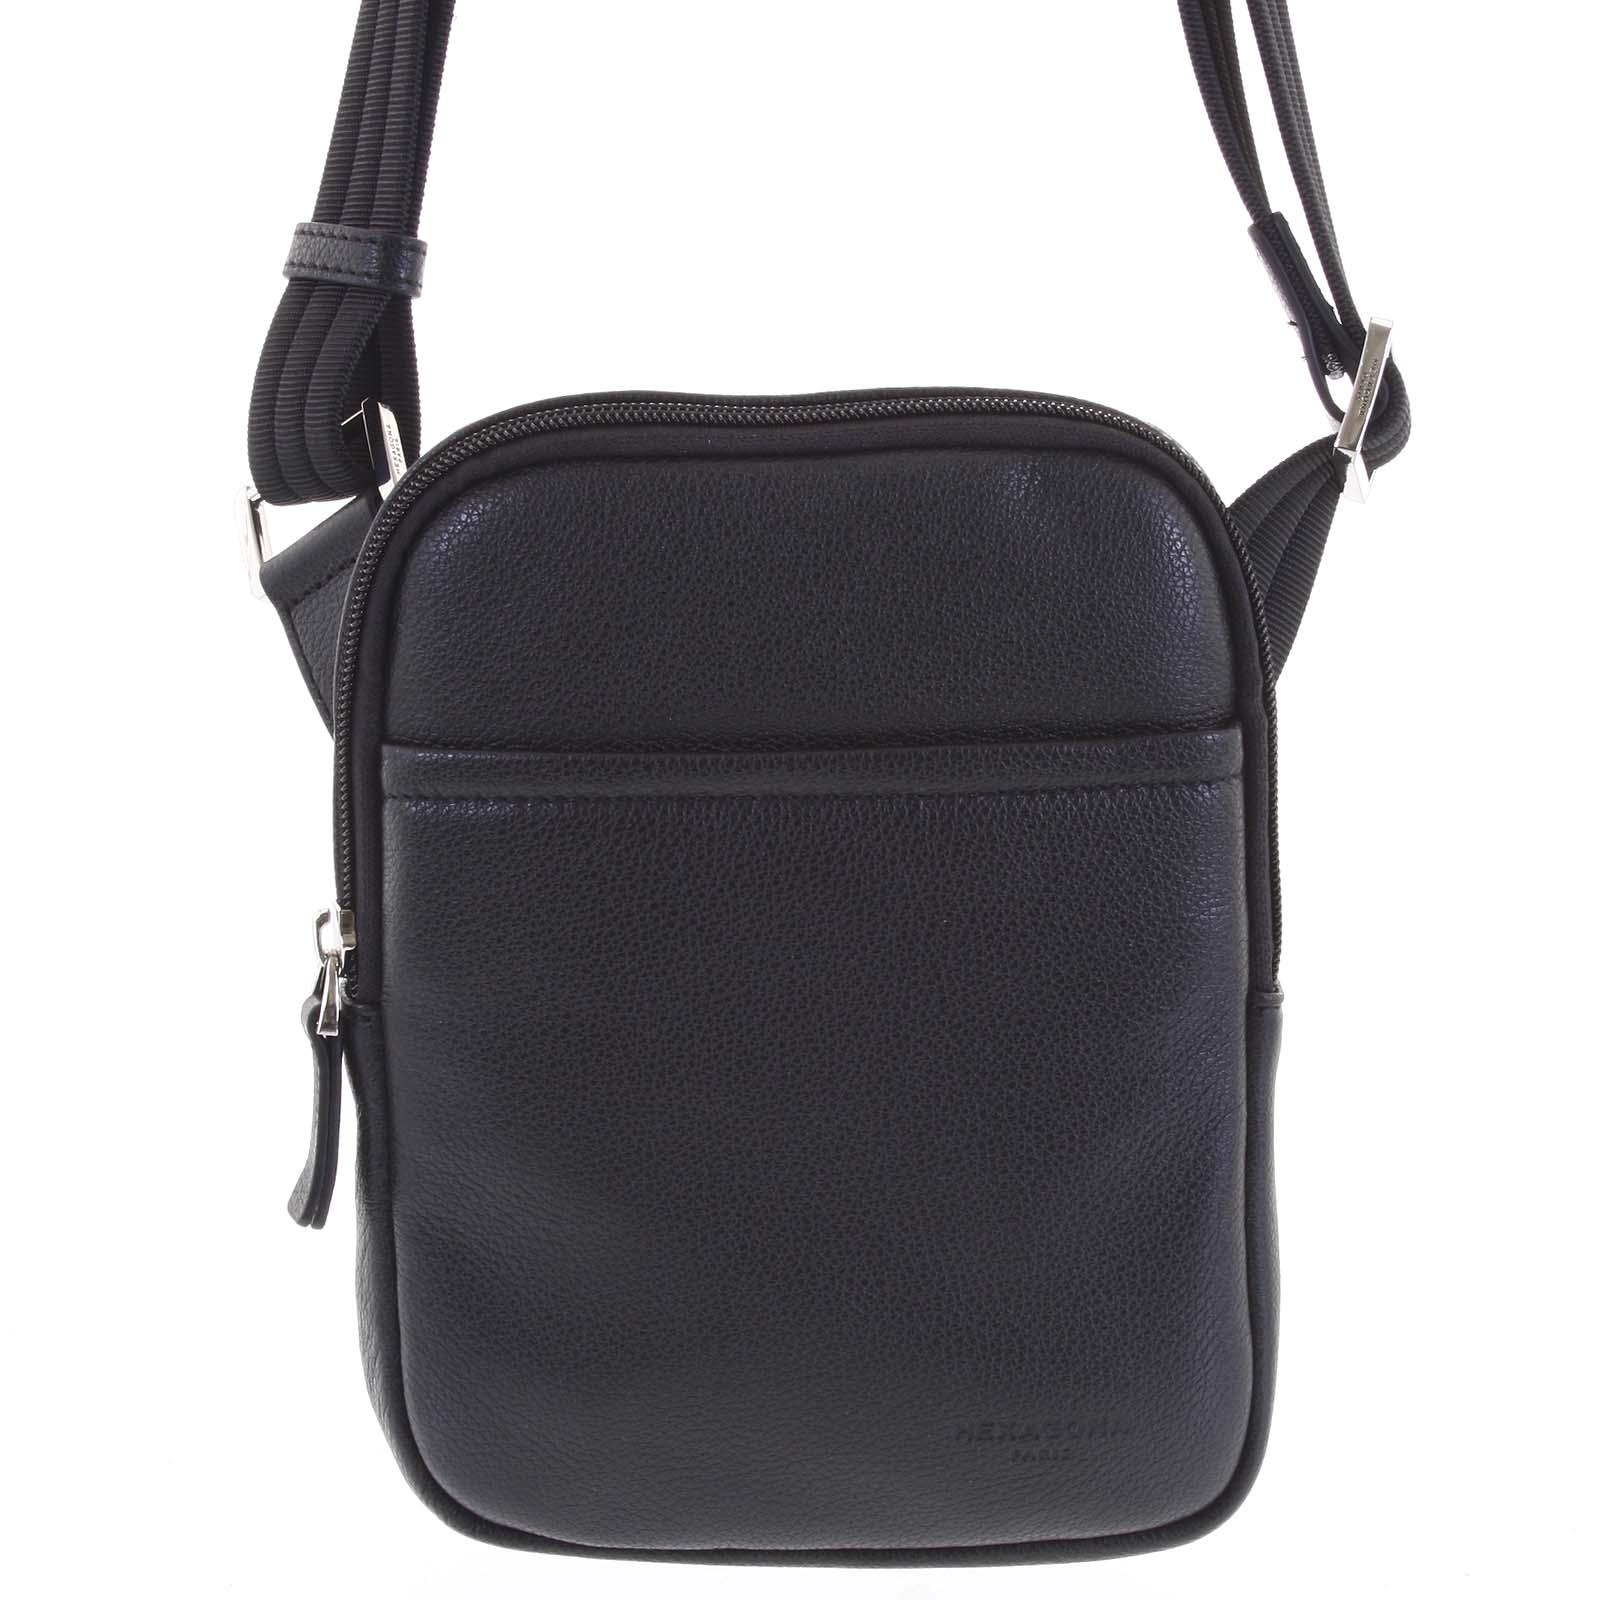 Pánska kožená taška na doklady čierna - Hexagona Tuesday